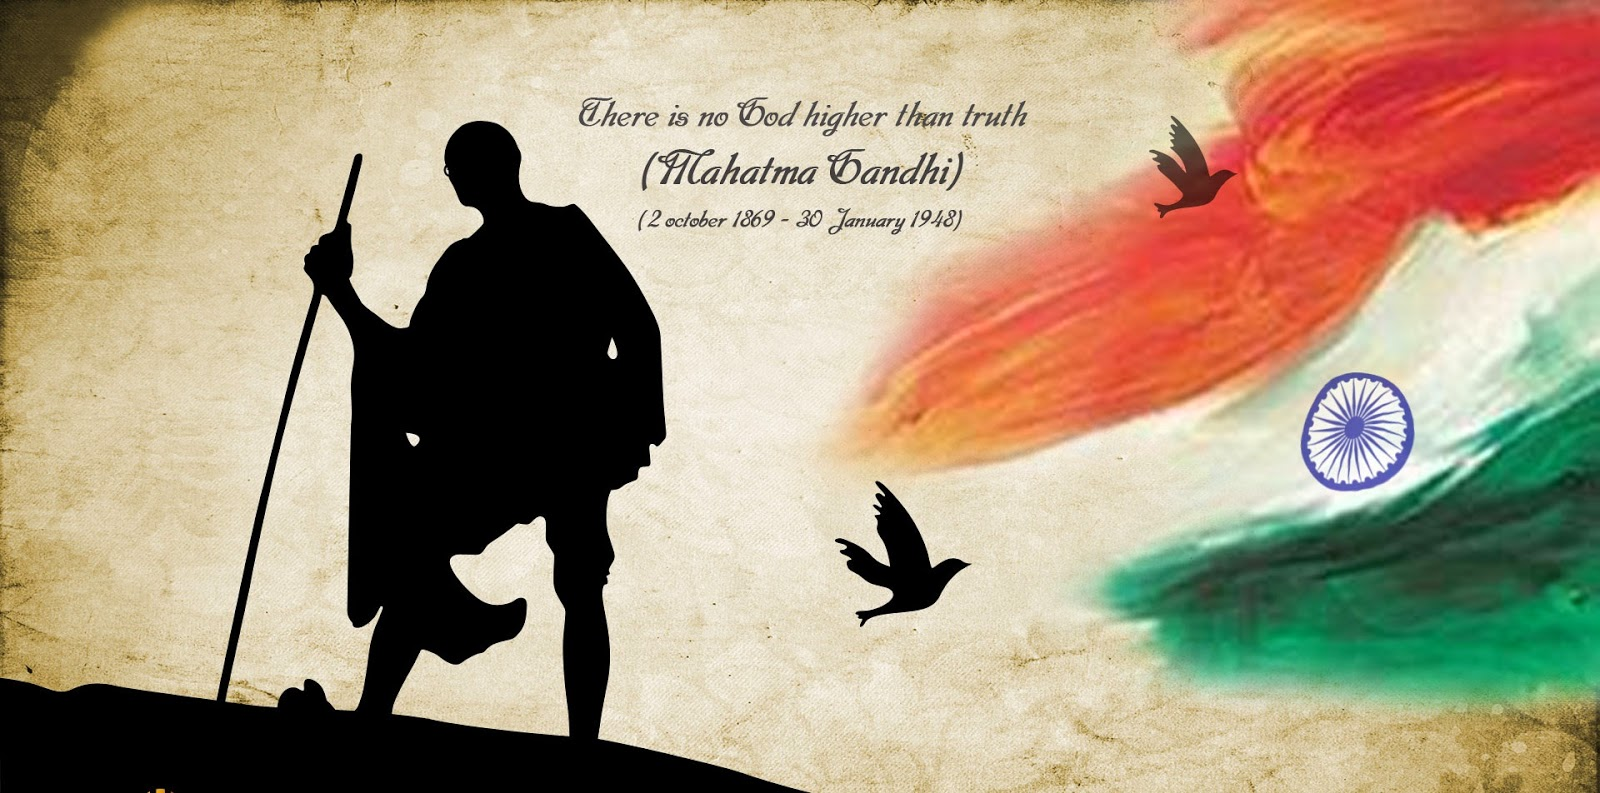 Quotes About Patriotism India 24 Quotes